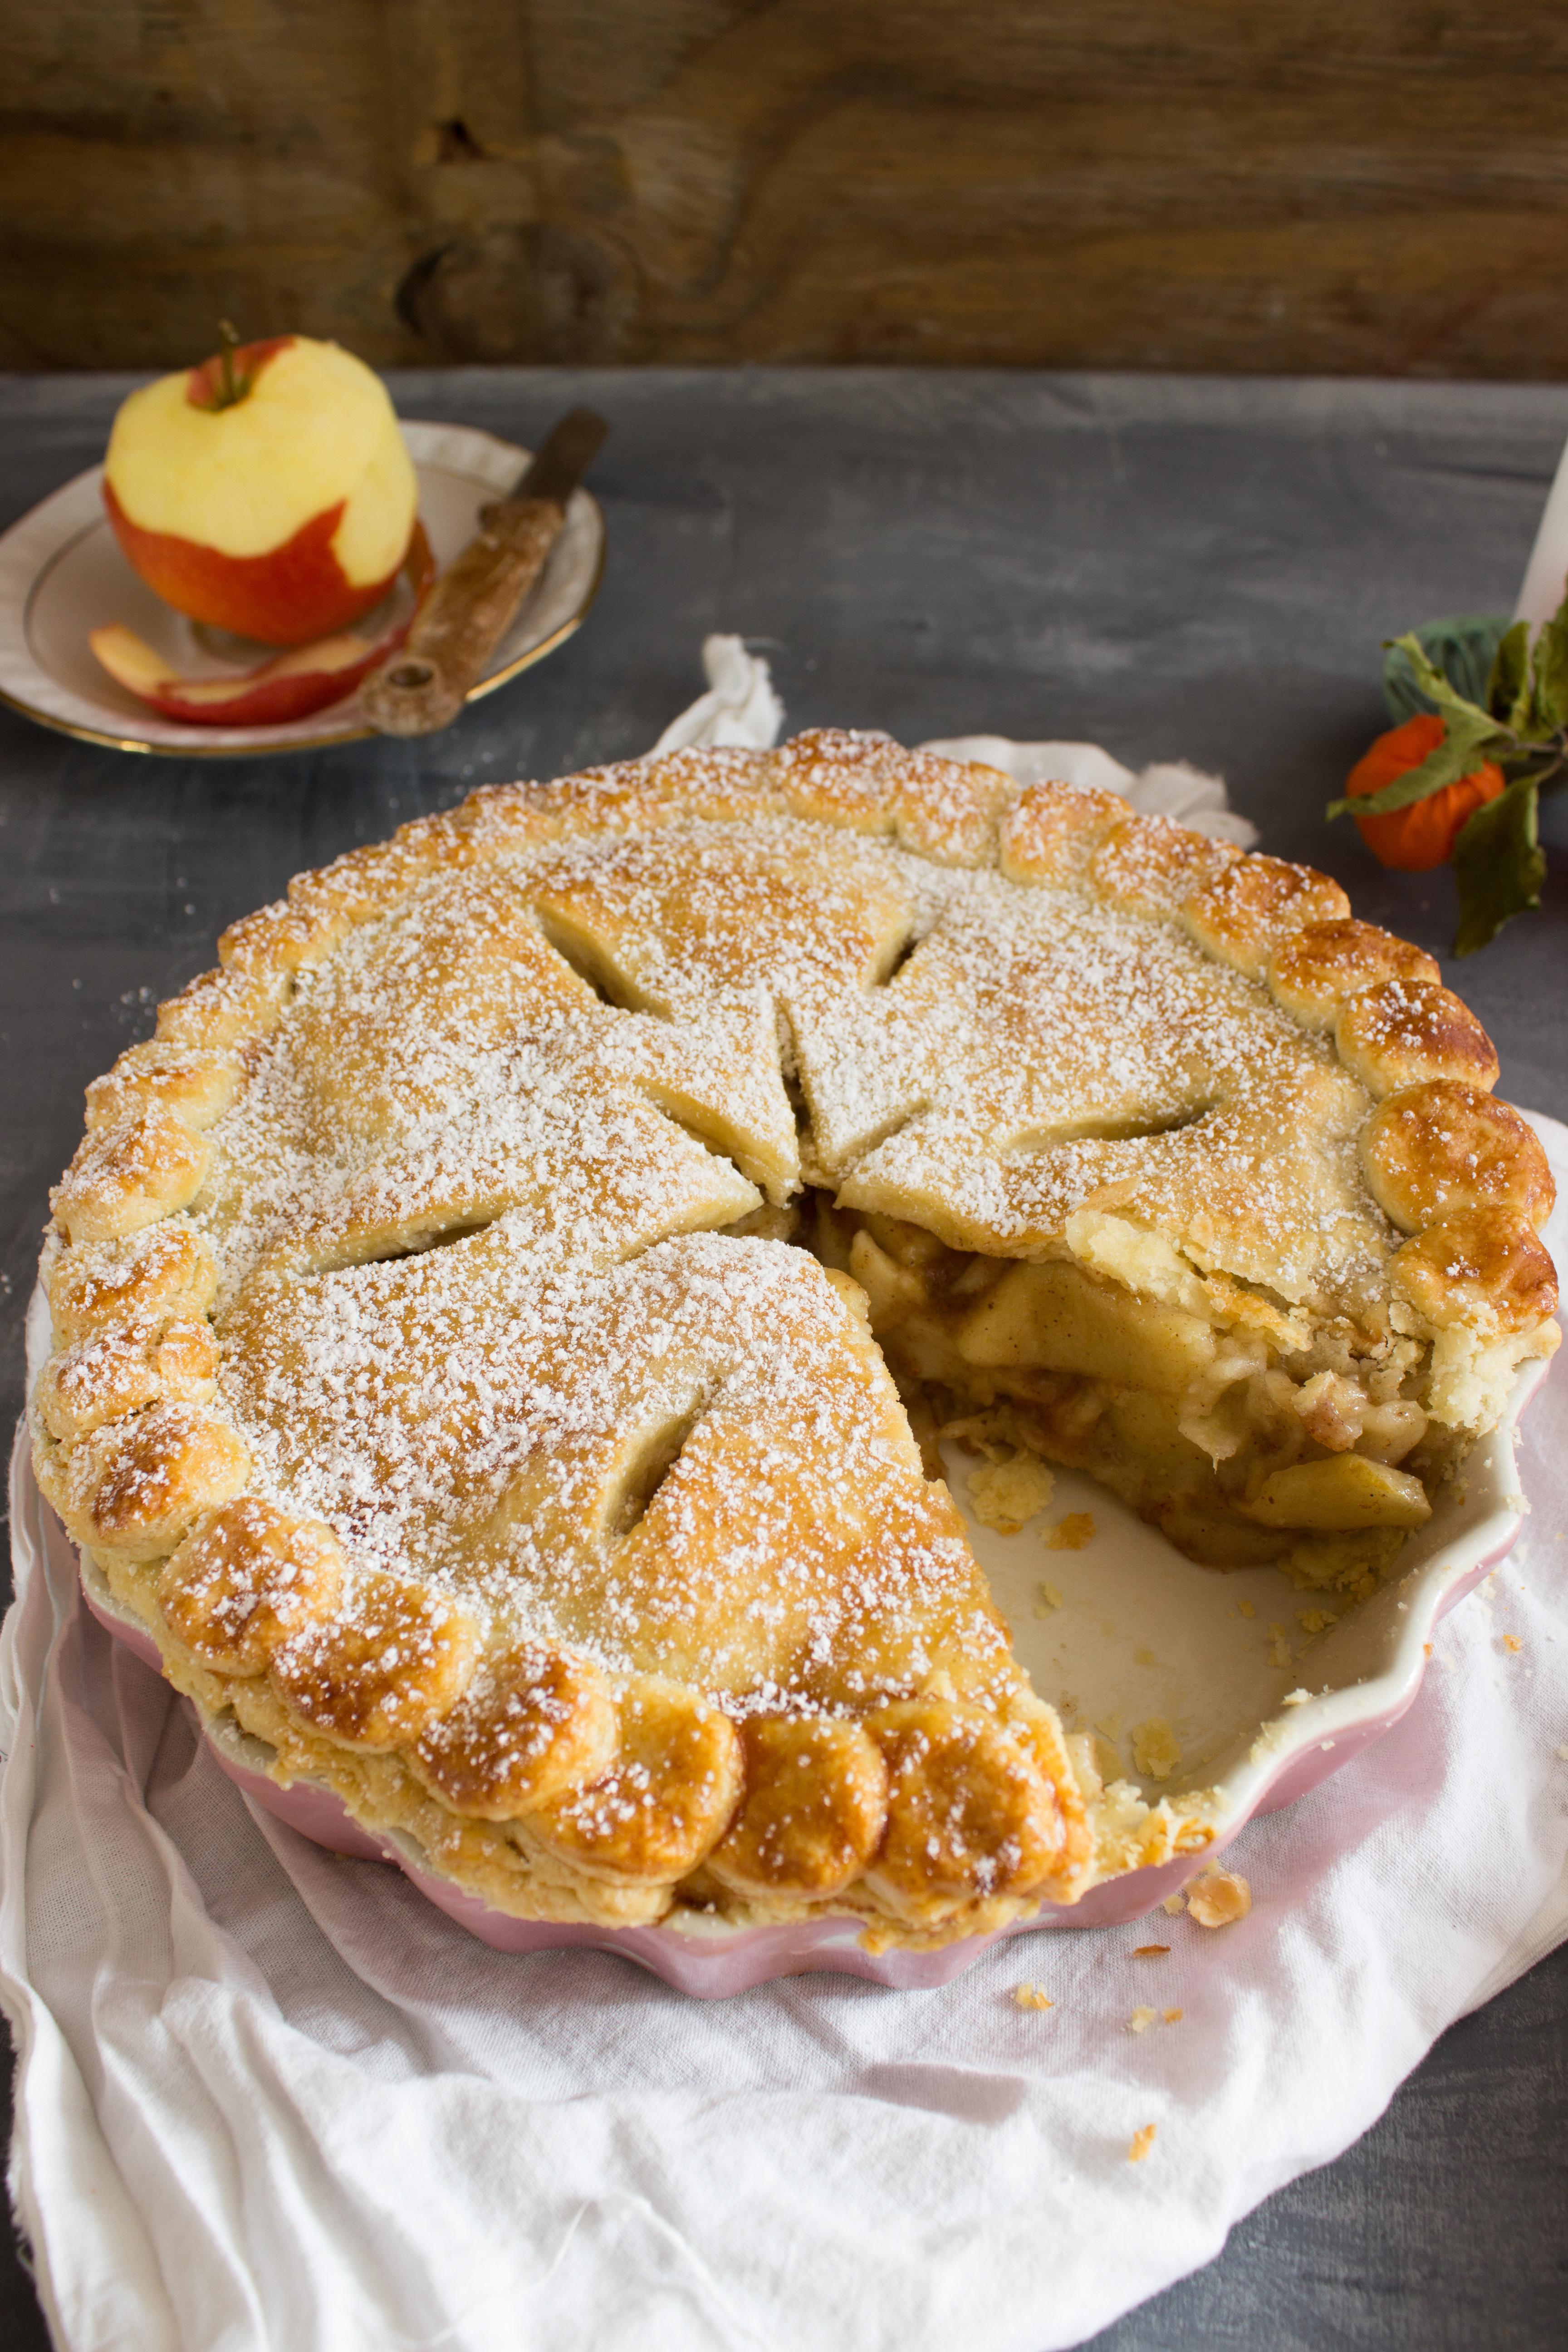 rezept-fur-einen-gedeckten-apfel-pie-mit-chai-gewurzen